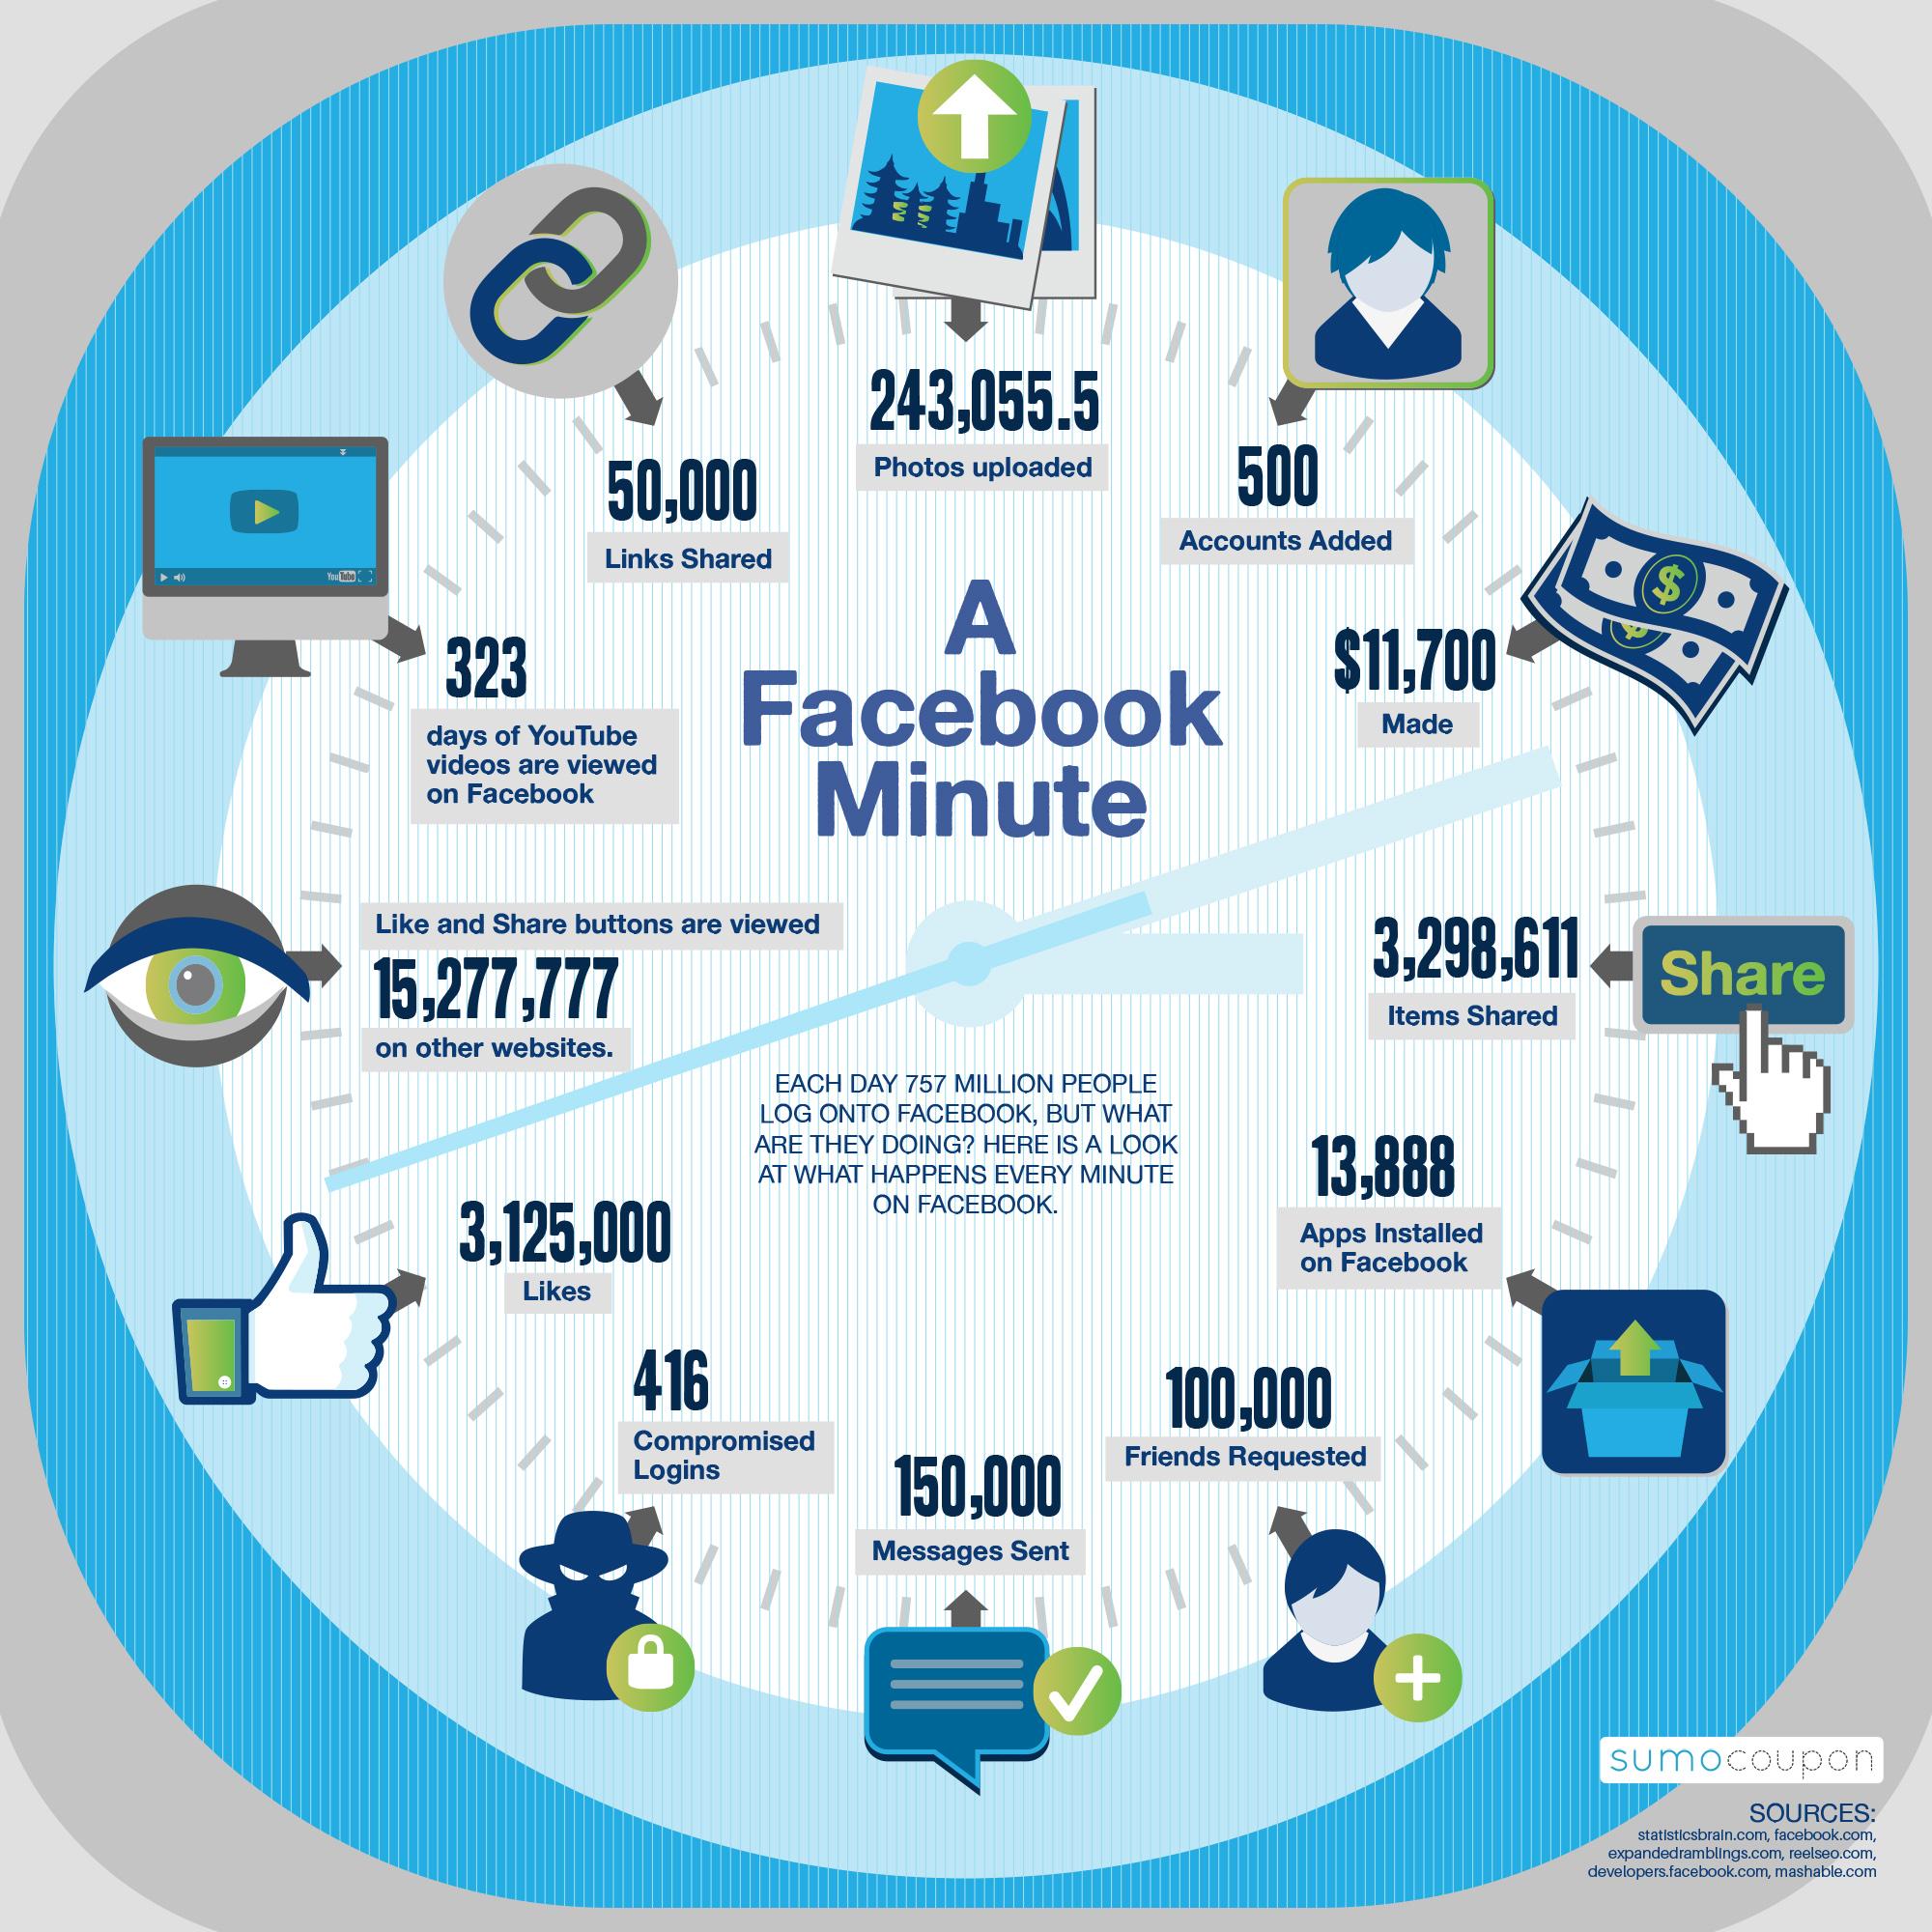 Wat gebeurt er in een minuut op Facebook